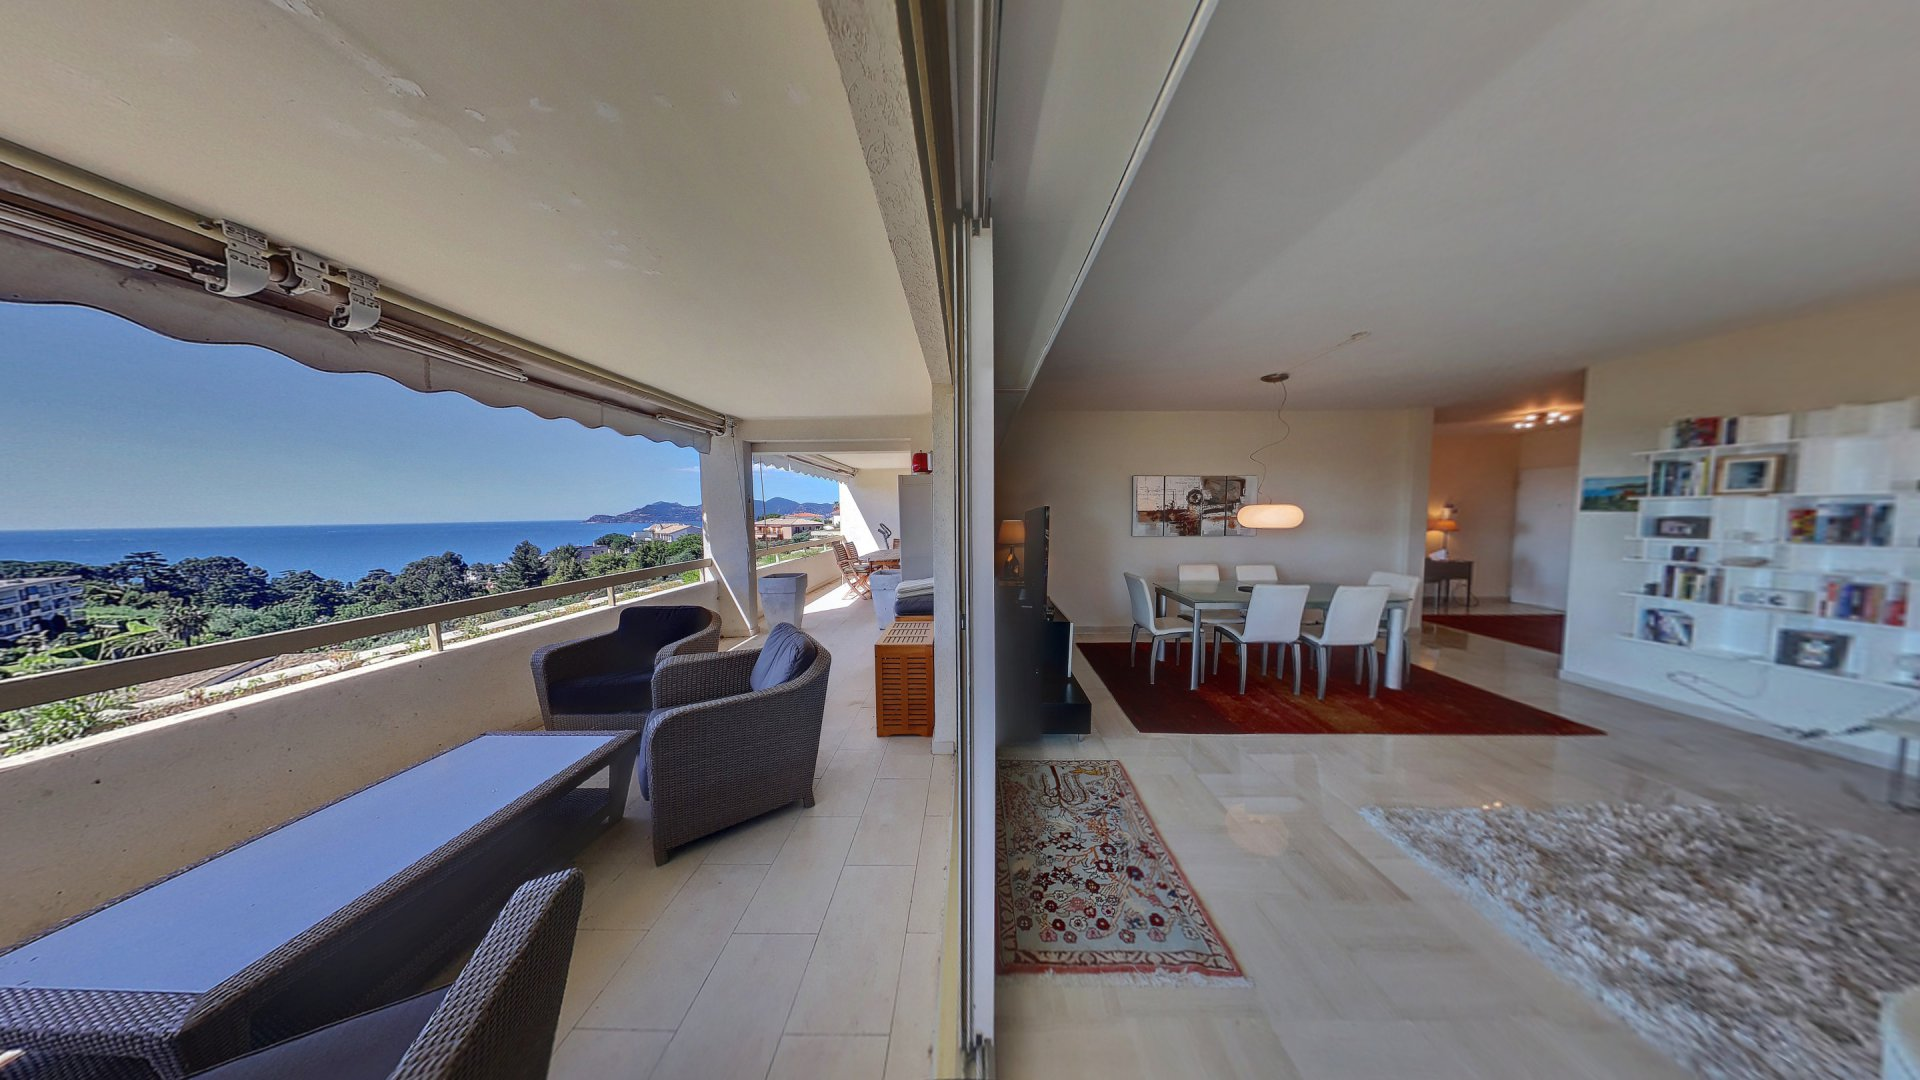 4 rummare till salu i Cannes Croix des Gardes  och en magnifik panorama havsutsikt